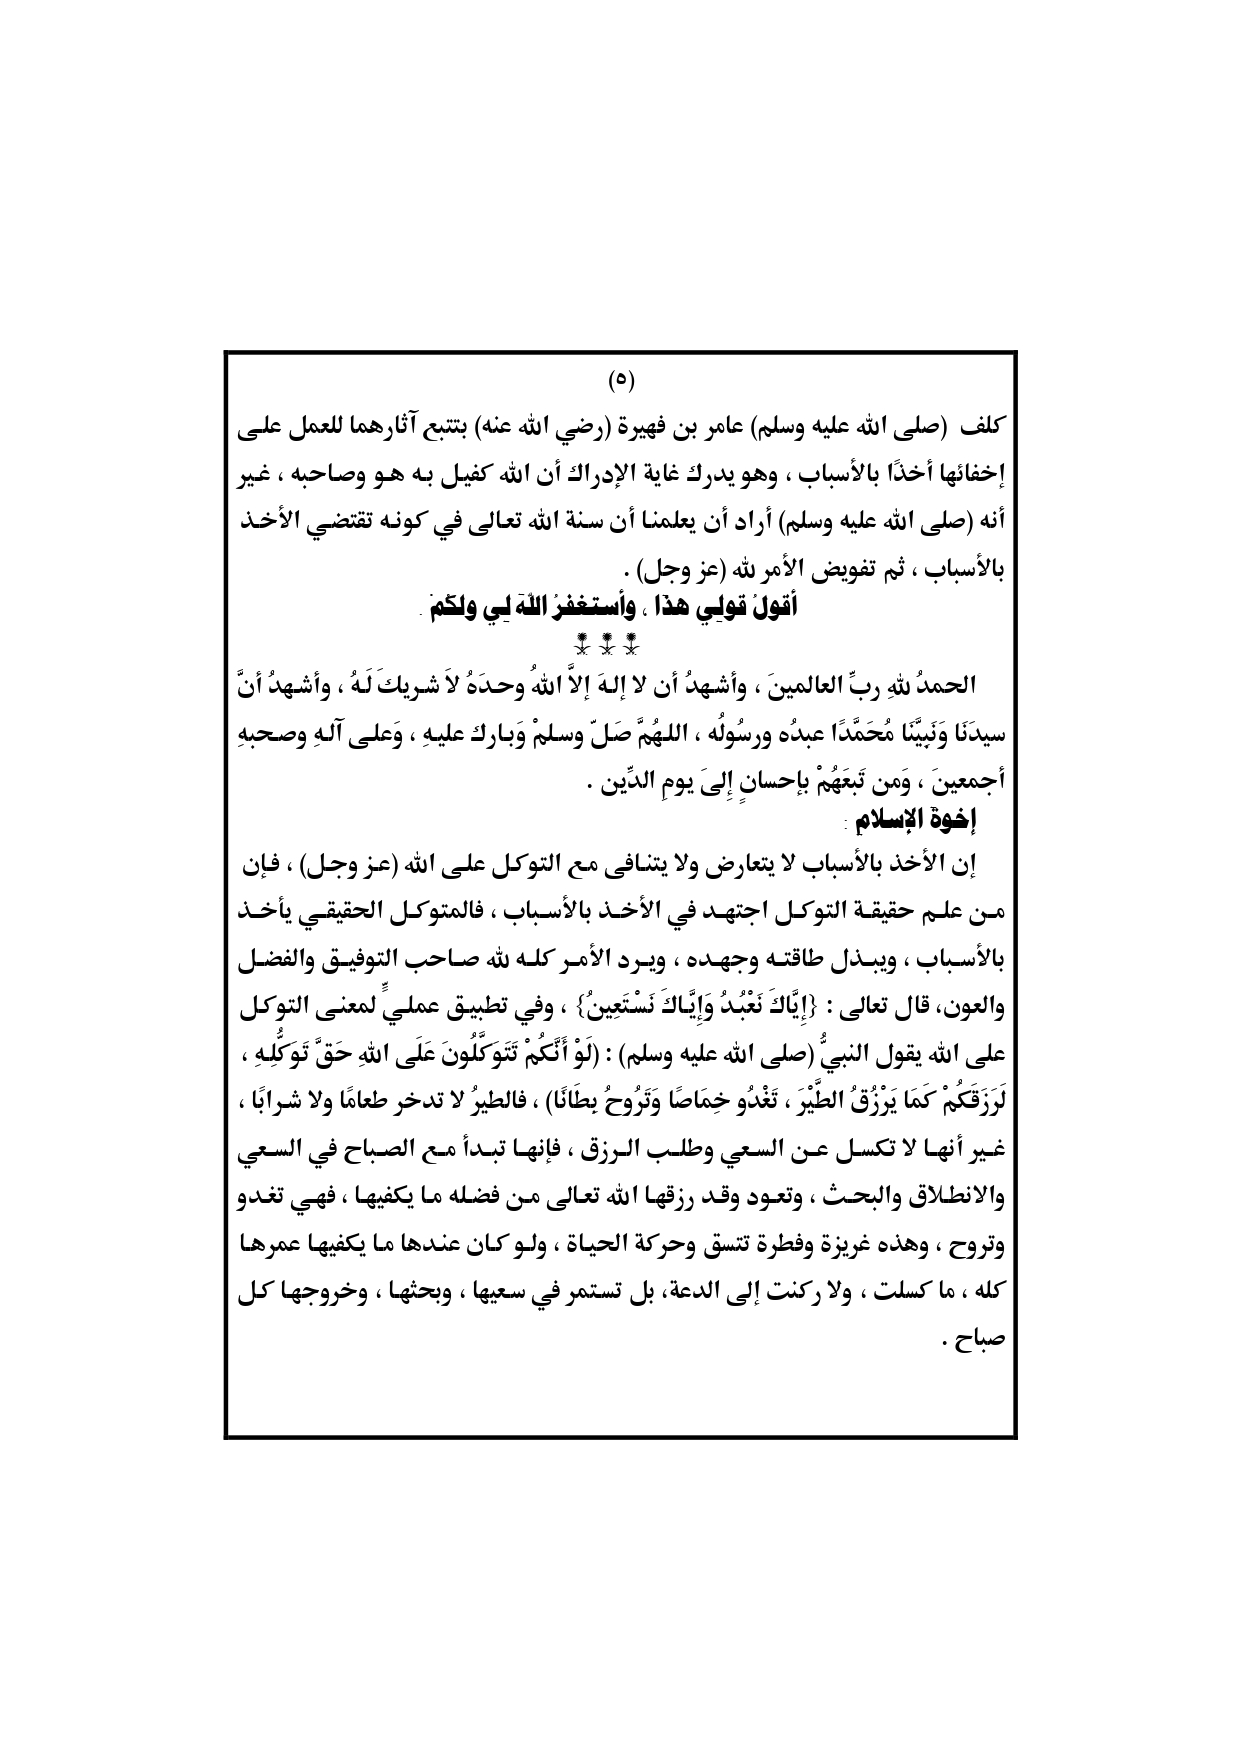 الخطبة الثانية : خطبة الجمعة القادمة pdf : من سنن الله تعالى الكونية إجراء المسببات على الأسباب